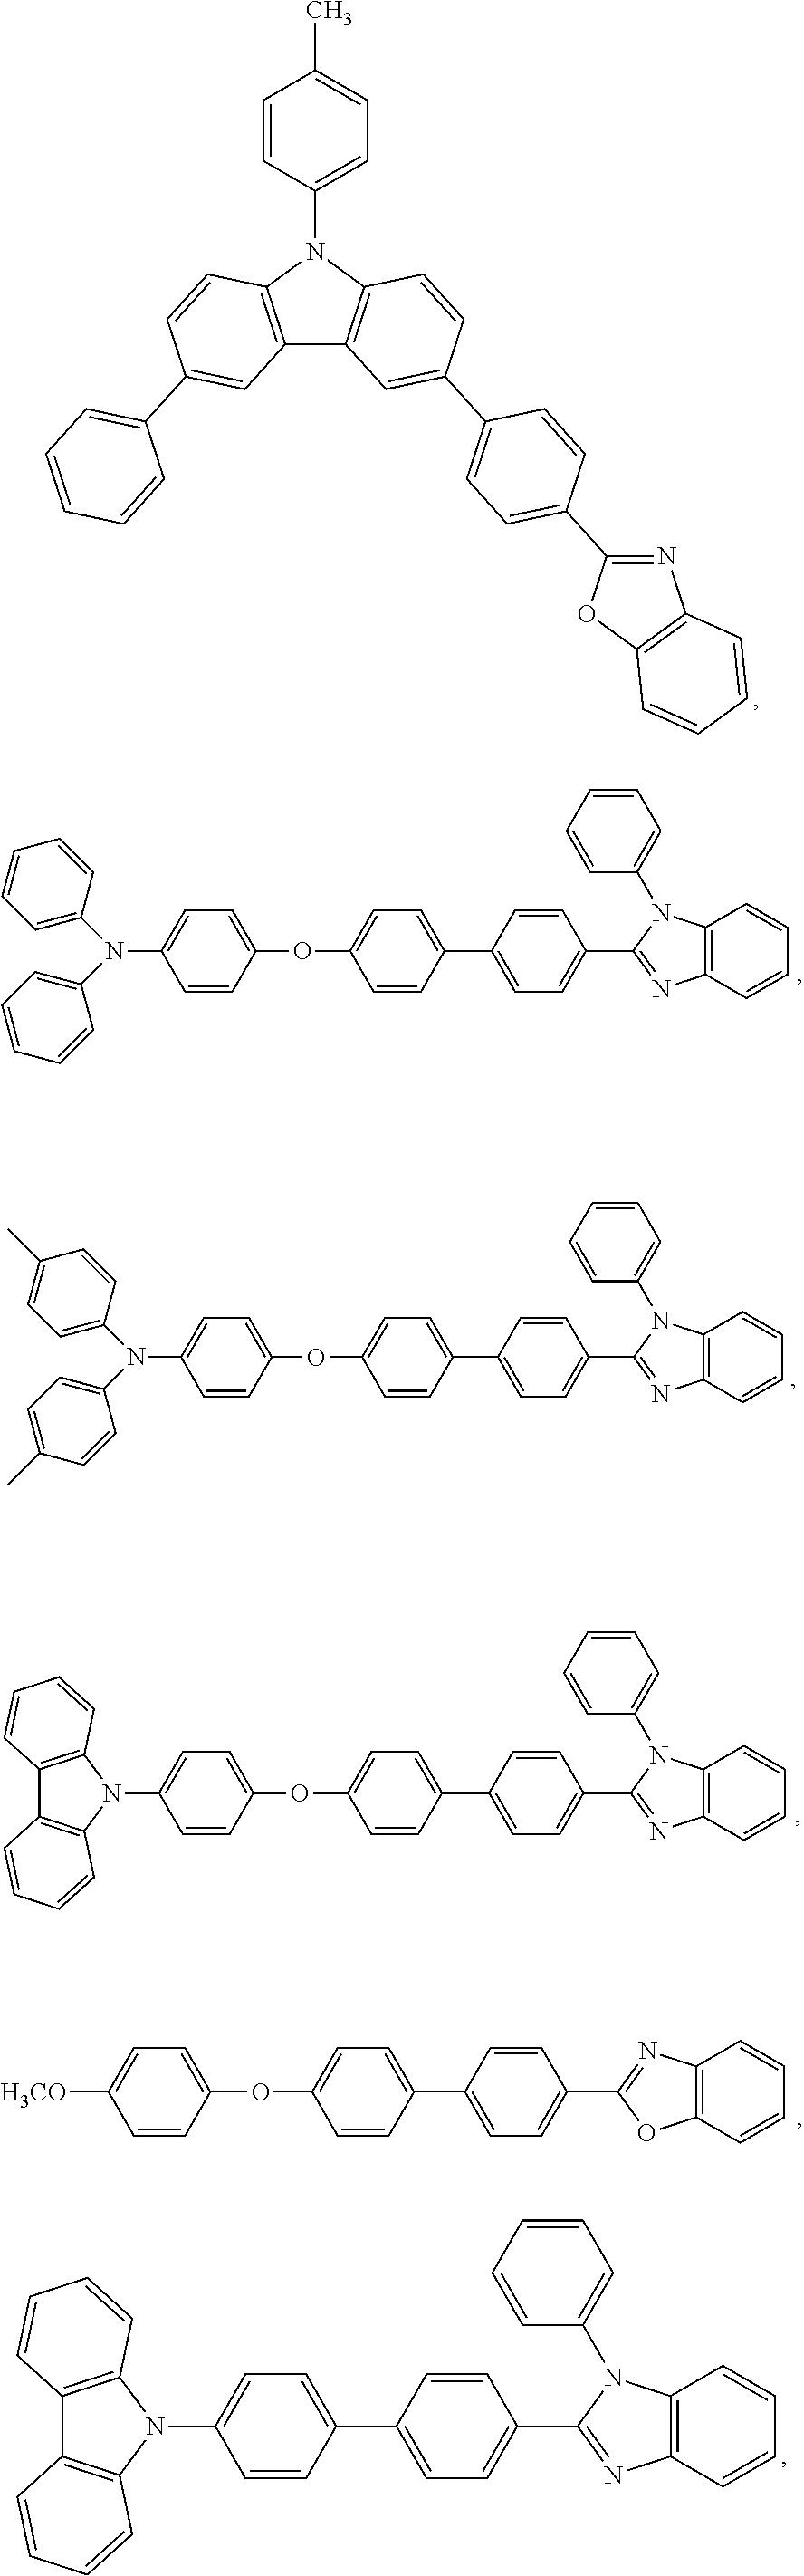 Figure US09853220-20171226-C00019